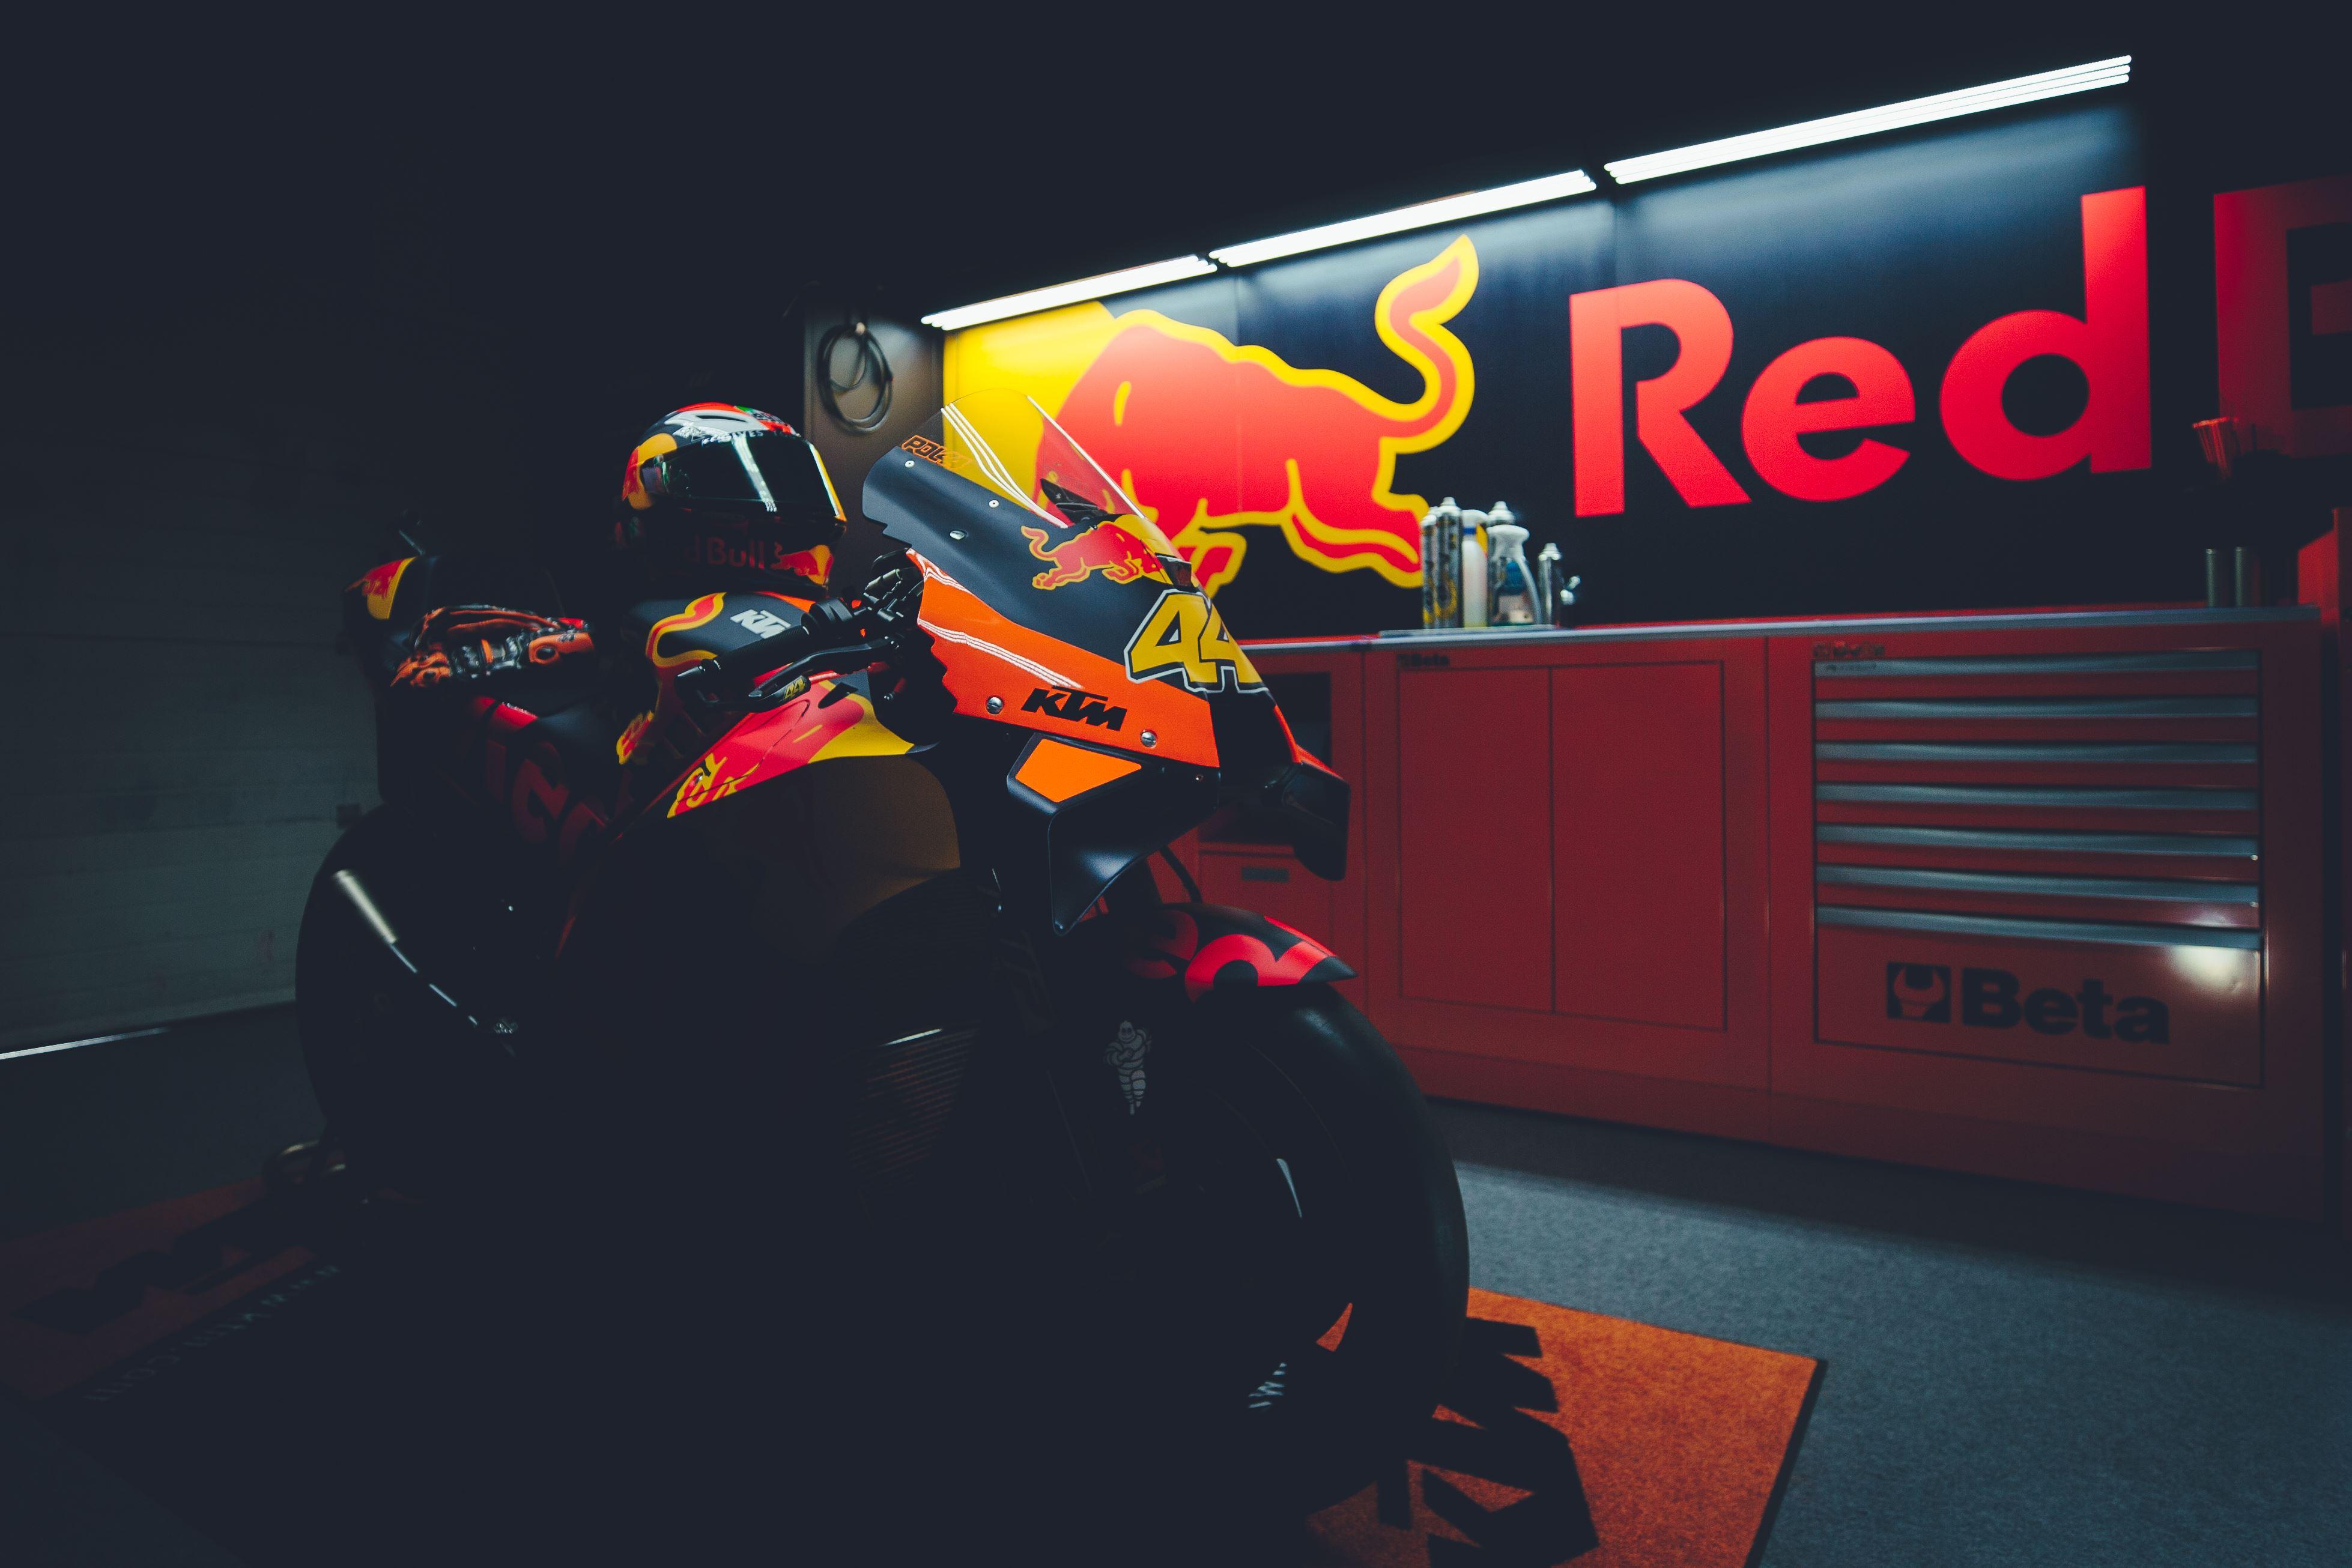 KTM CEOステファン・ピーラー「2021年はチャンピオンシップ争いをしてタイトルを獲得したい」